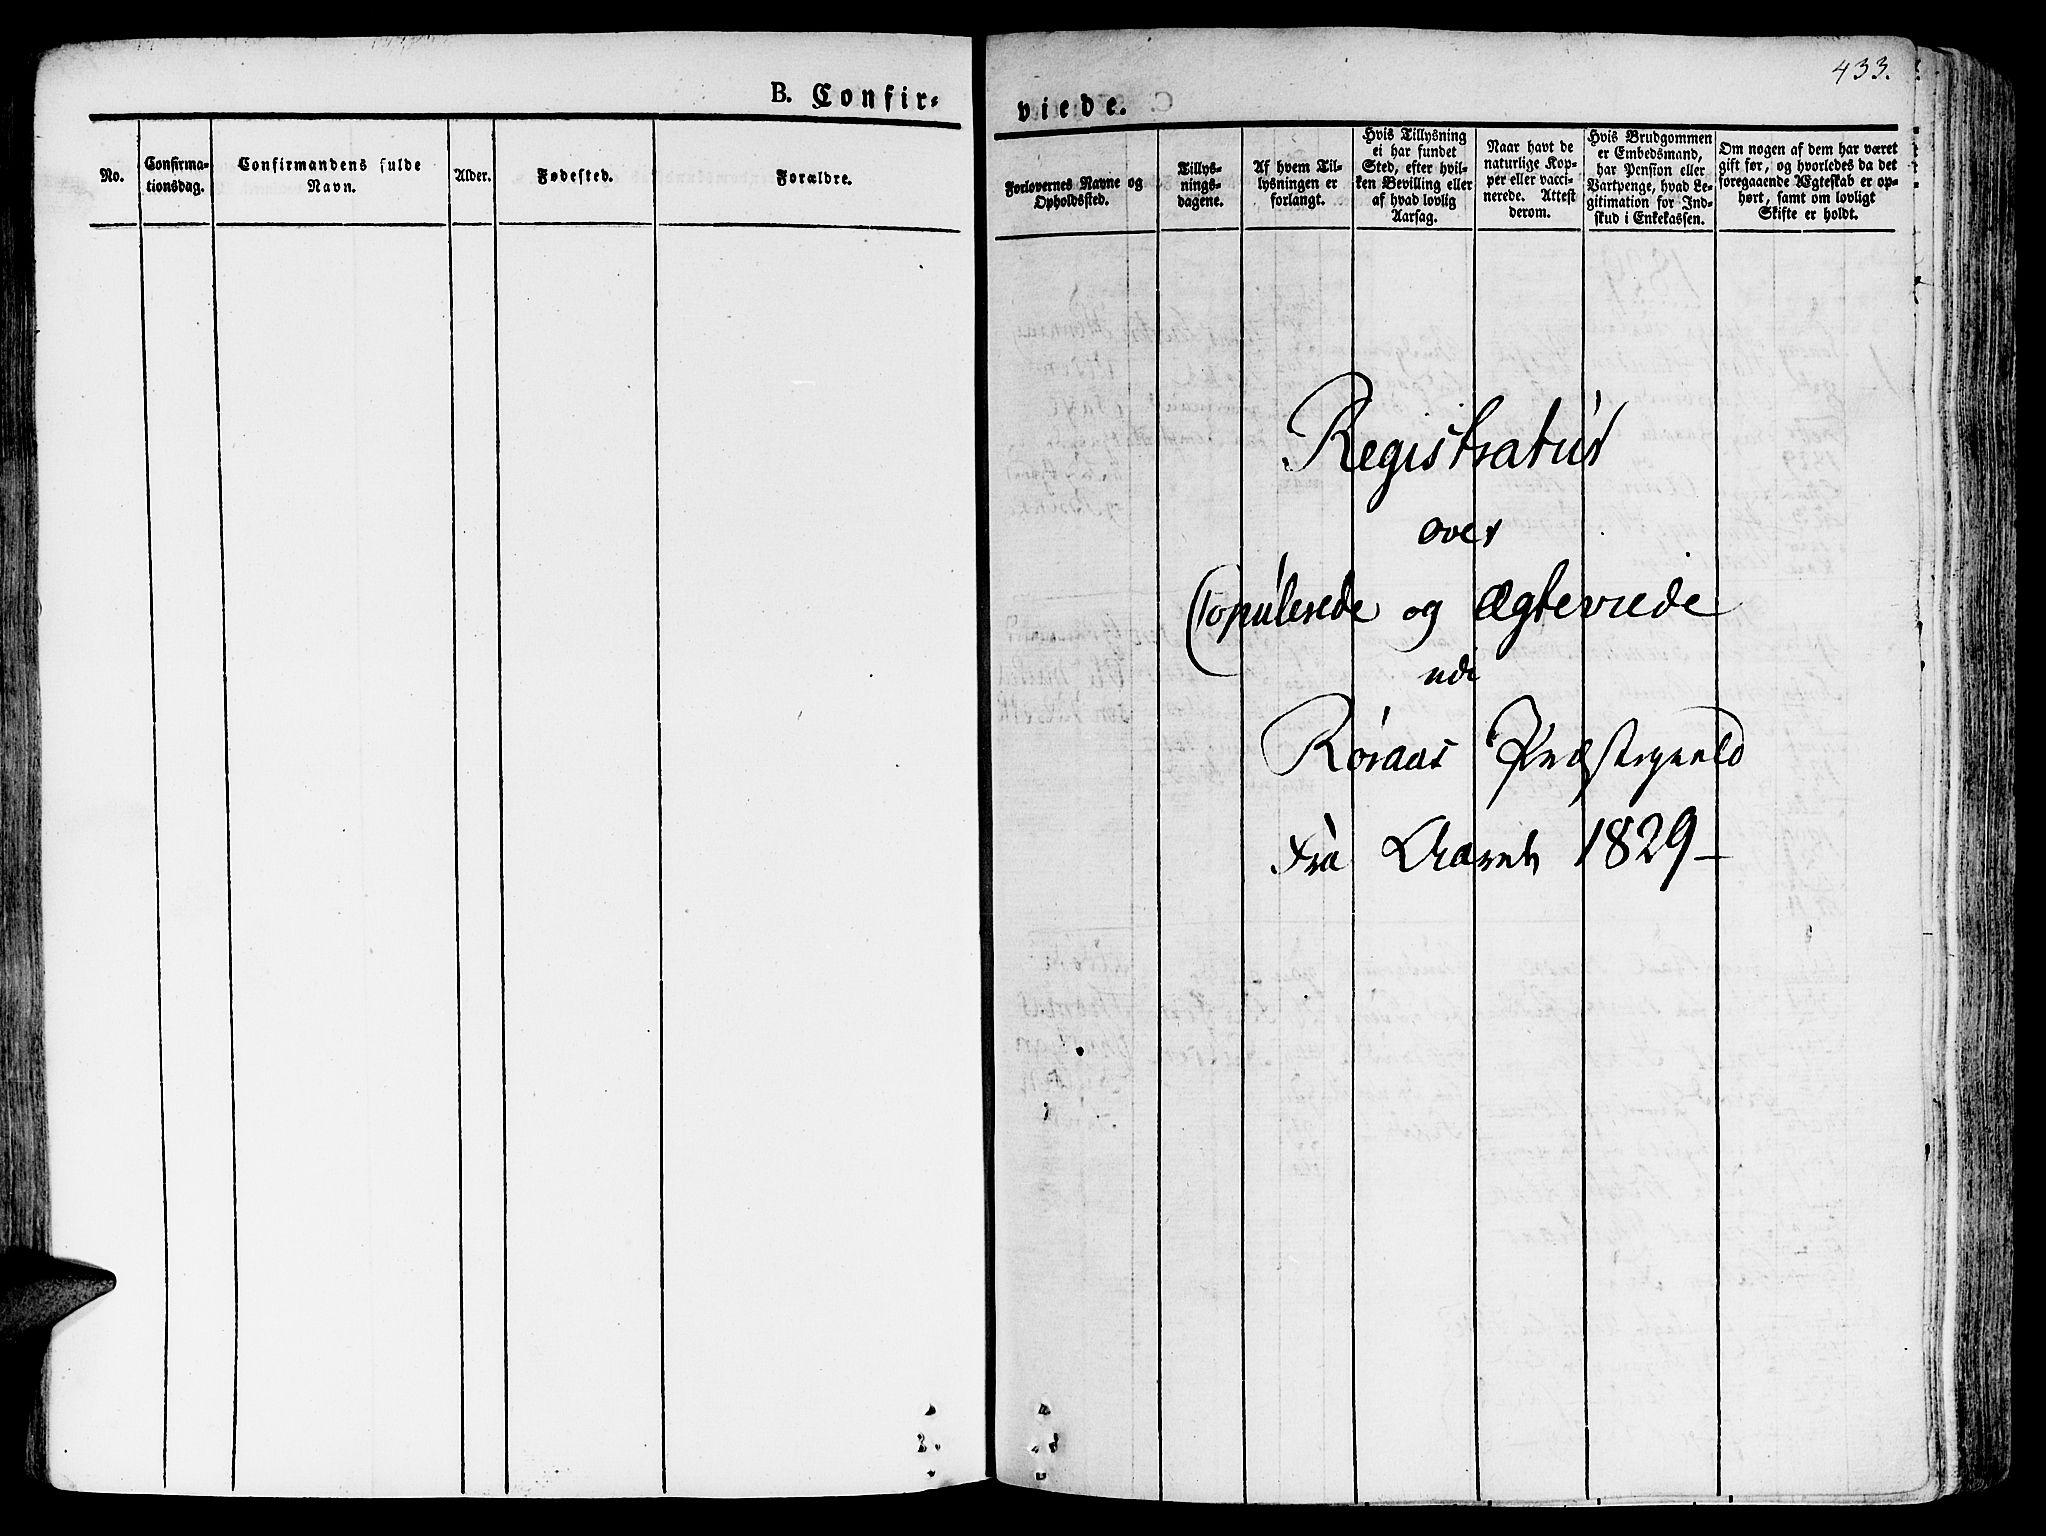 SAT, Ministerialprotokoller, klokkerbøker og fødselsregistre - Sør-Trøndelag, 681/L0930: Ministerialbok nr. 681A08, 1829-1844, s. 433